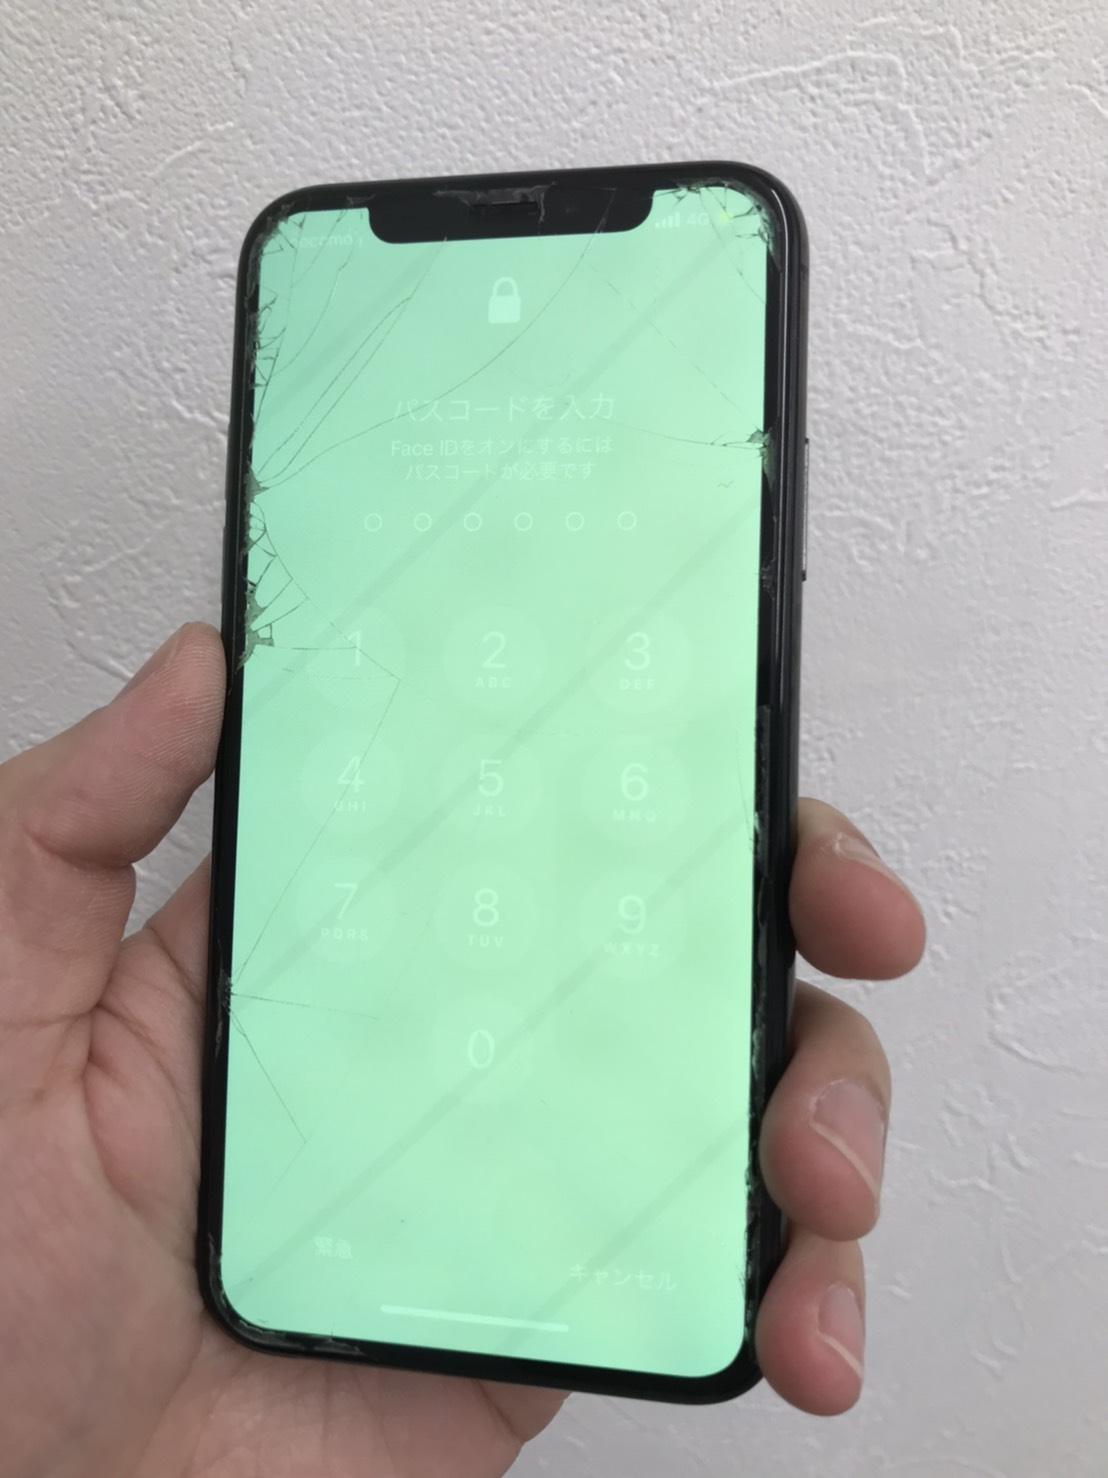 画面全体に緑色の発光がみられるiPhoneXs